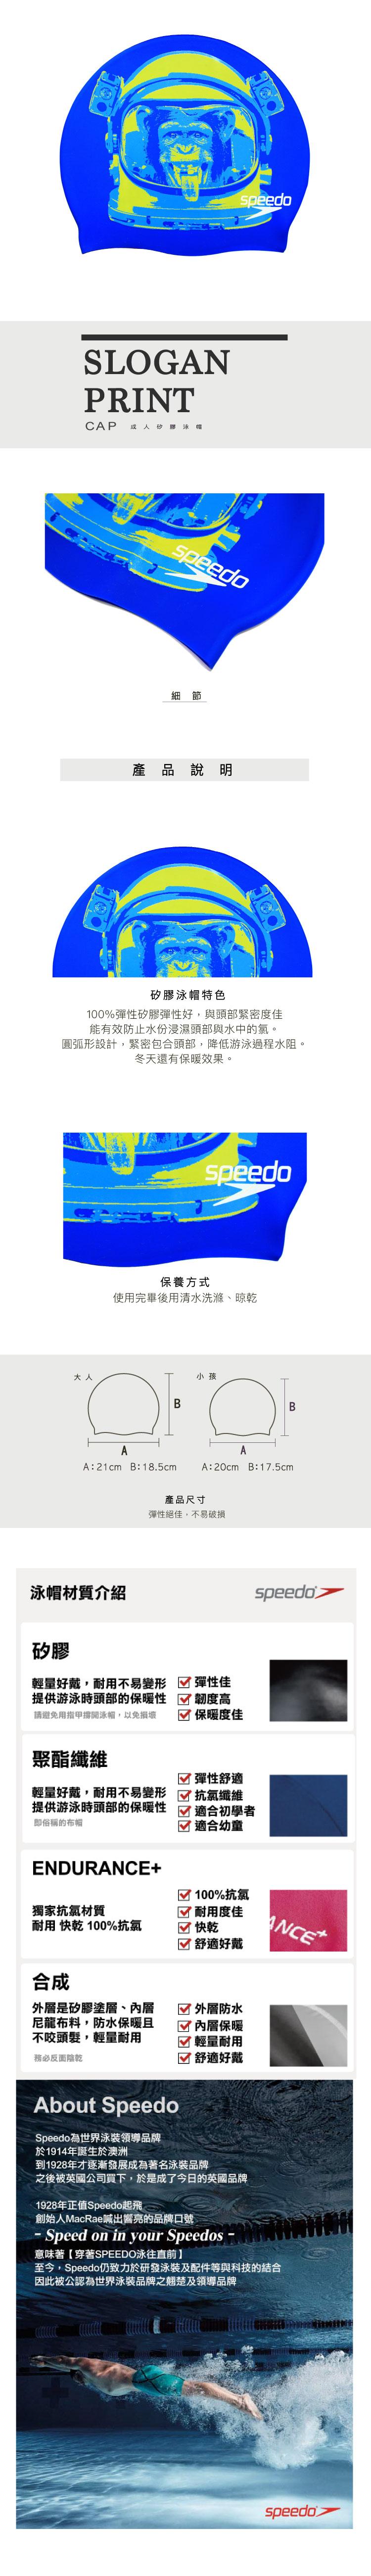 SD808385A246B-750